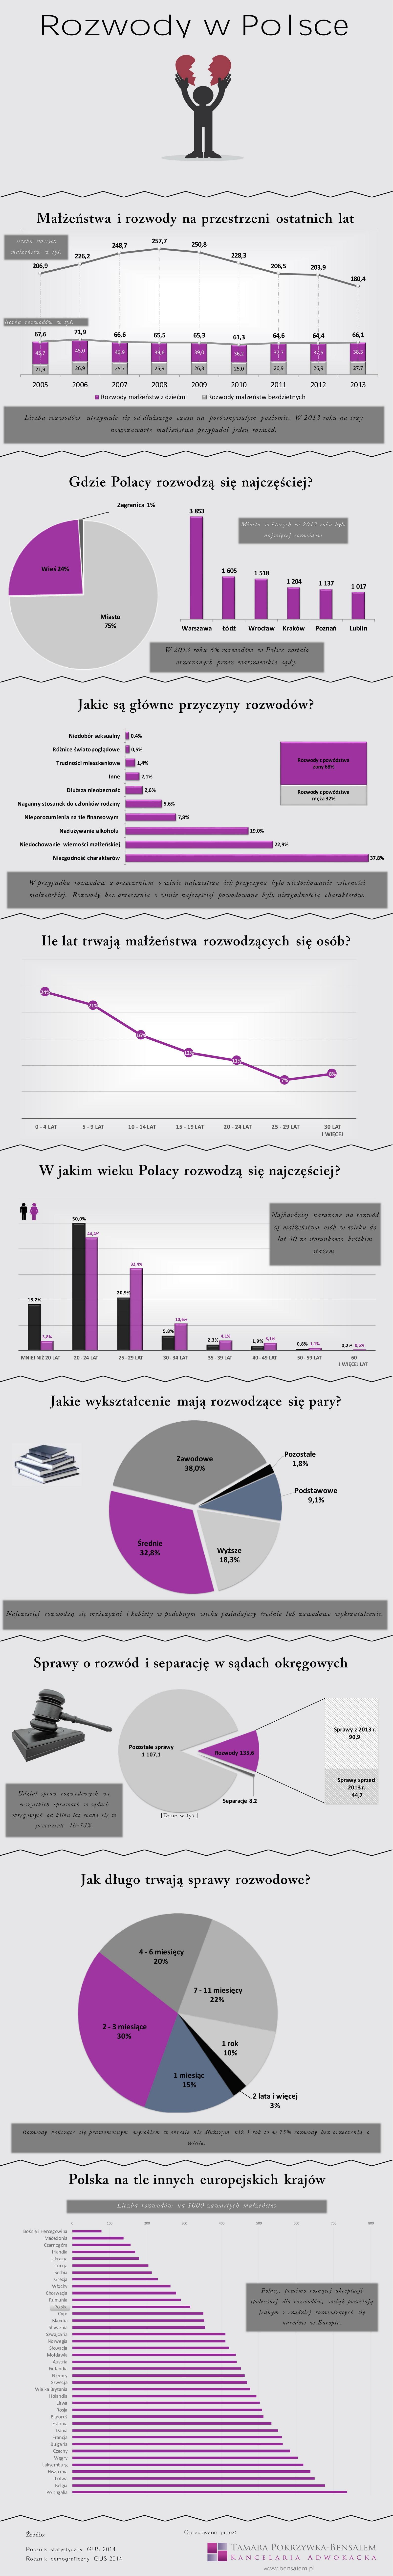 Adwokat Kraków Rozwody